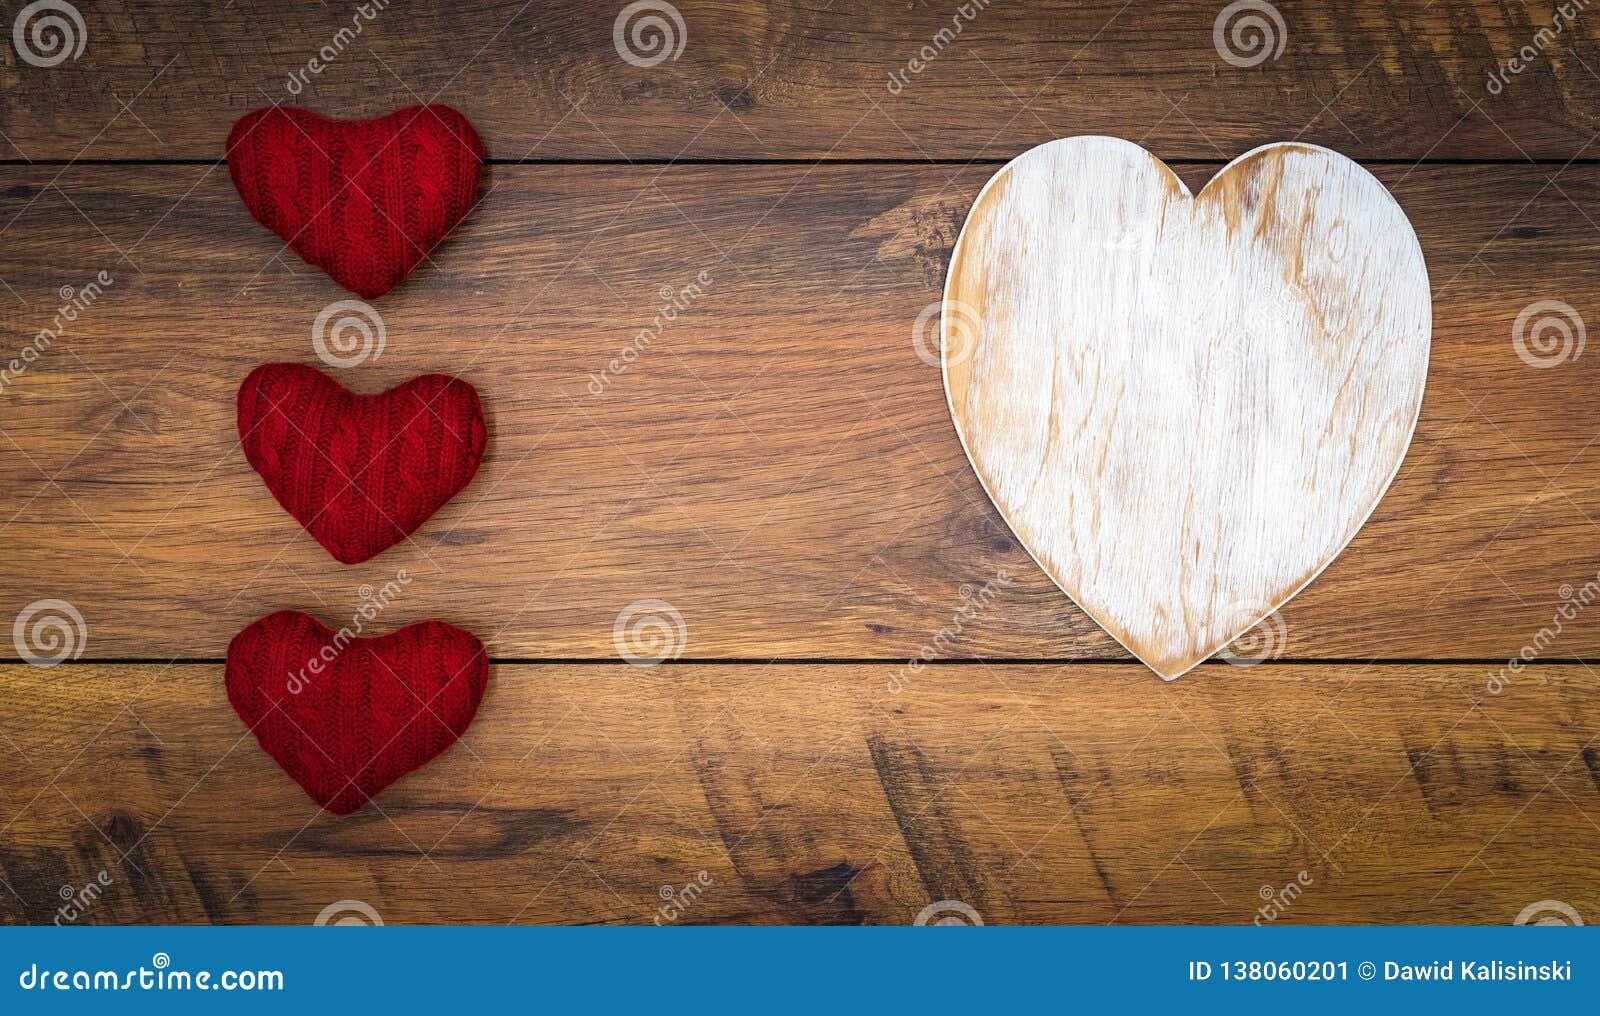 De Dagcad van Retro klassiek Valentine, groot wit geschilderd houten geïsoleerd hert, 3 rode knuffelherten, op uitstekende eiken